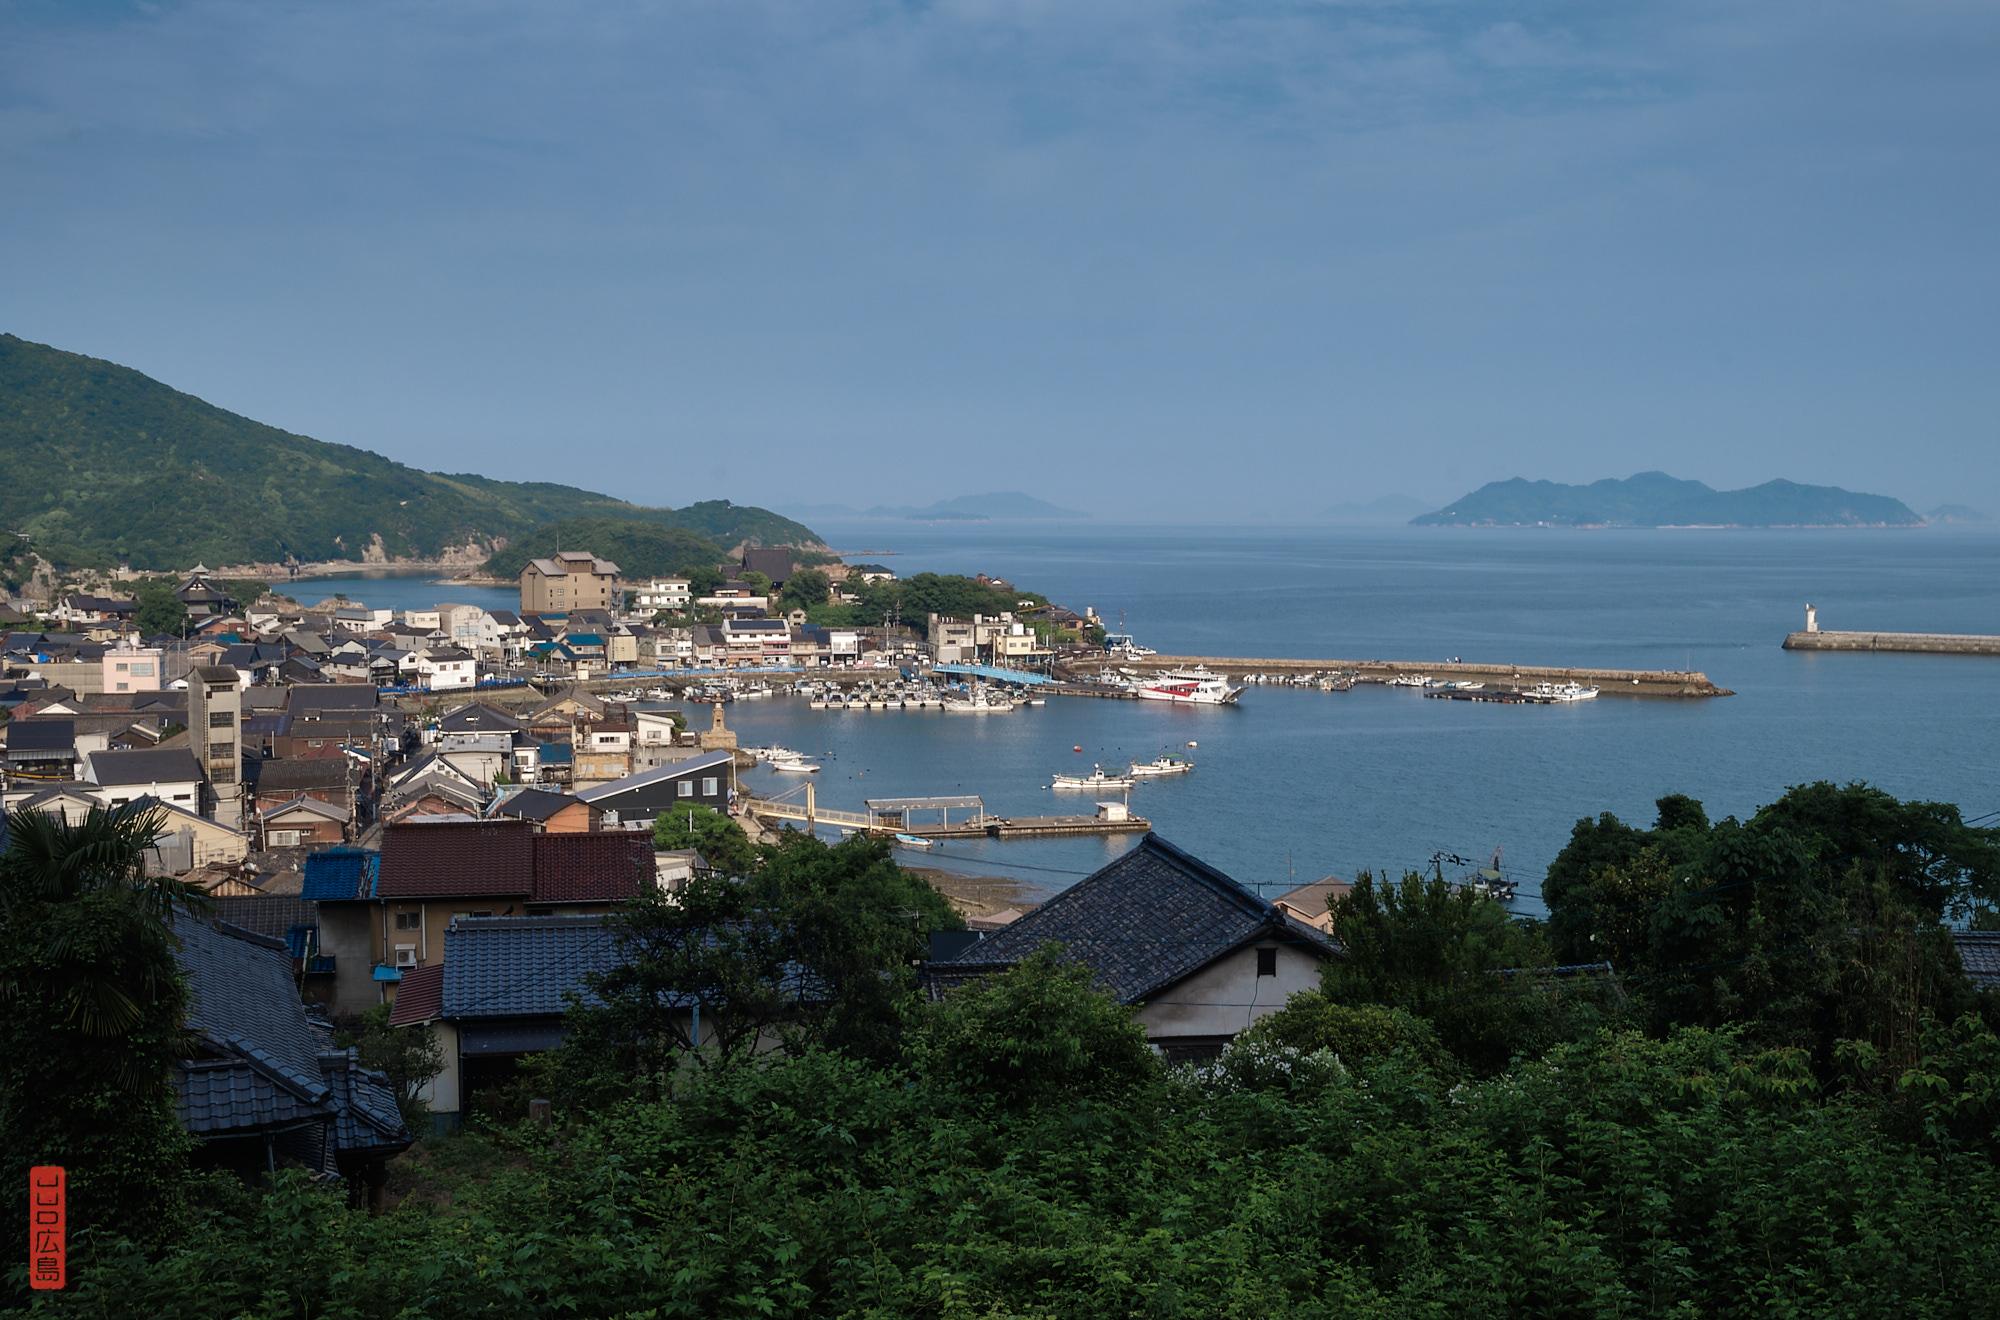 Vue sur la baie de Tomo-no-Ura